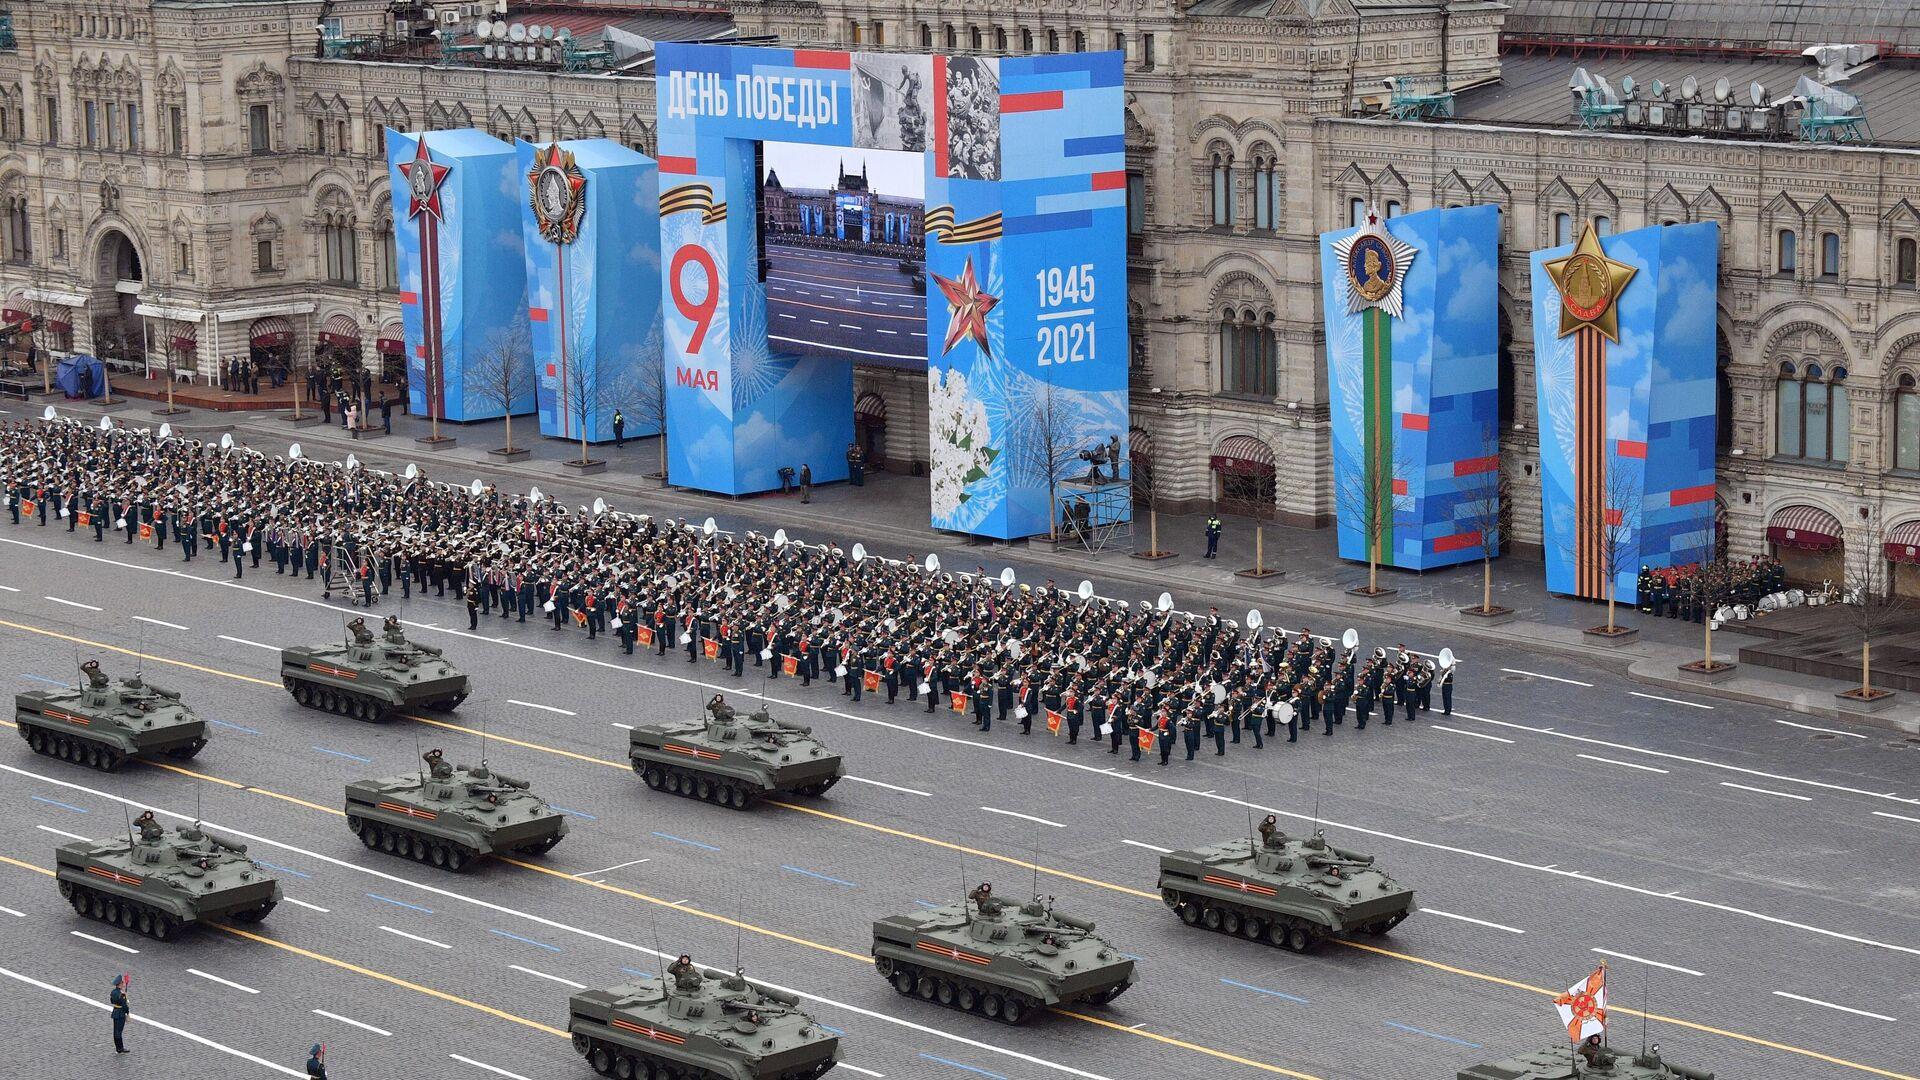 Боевые машины пехоты БМП-3 на военном параде в честь 76-й годовщины Победы в Великой Отечественной войне в Москве - РИА Новости, 1920, 11.05.2021